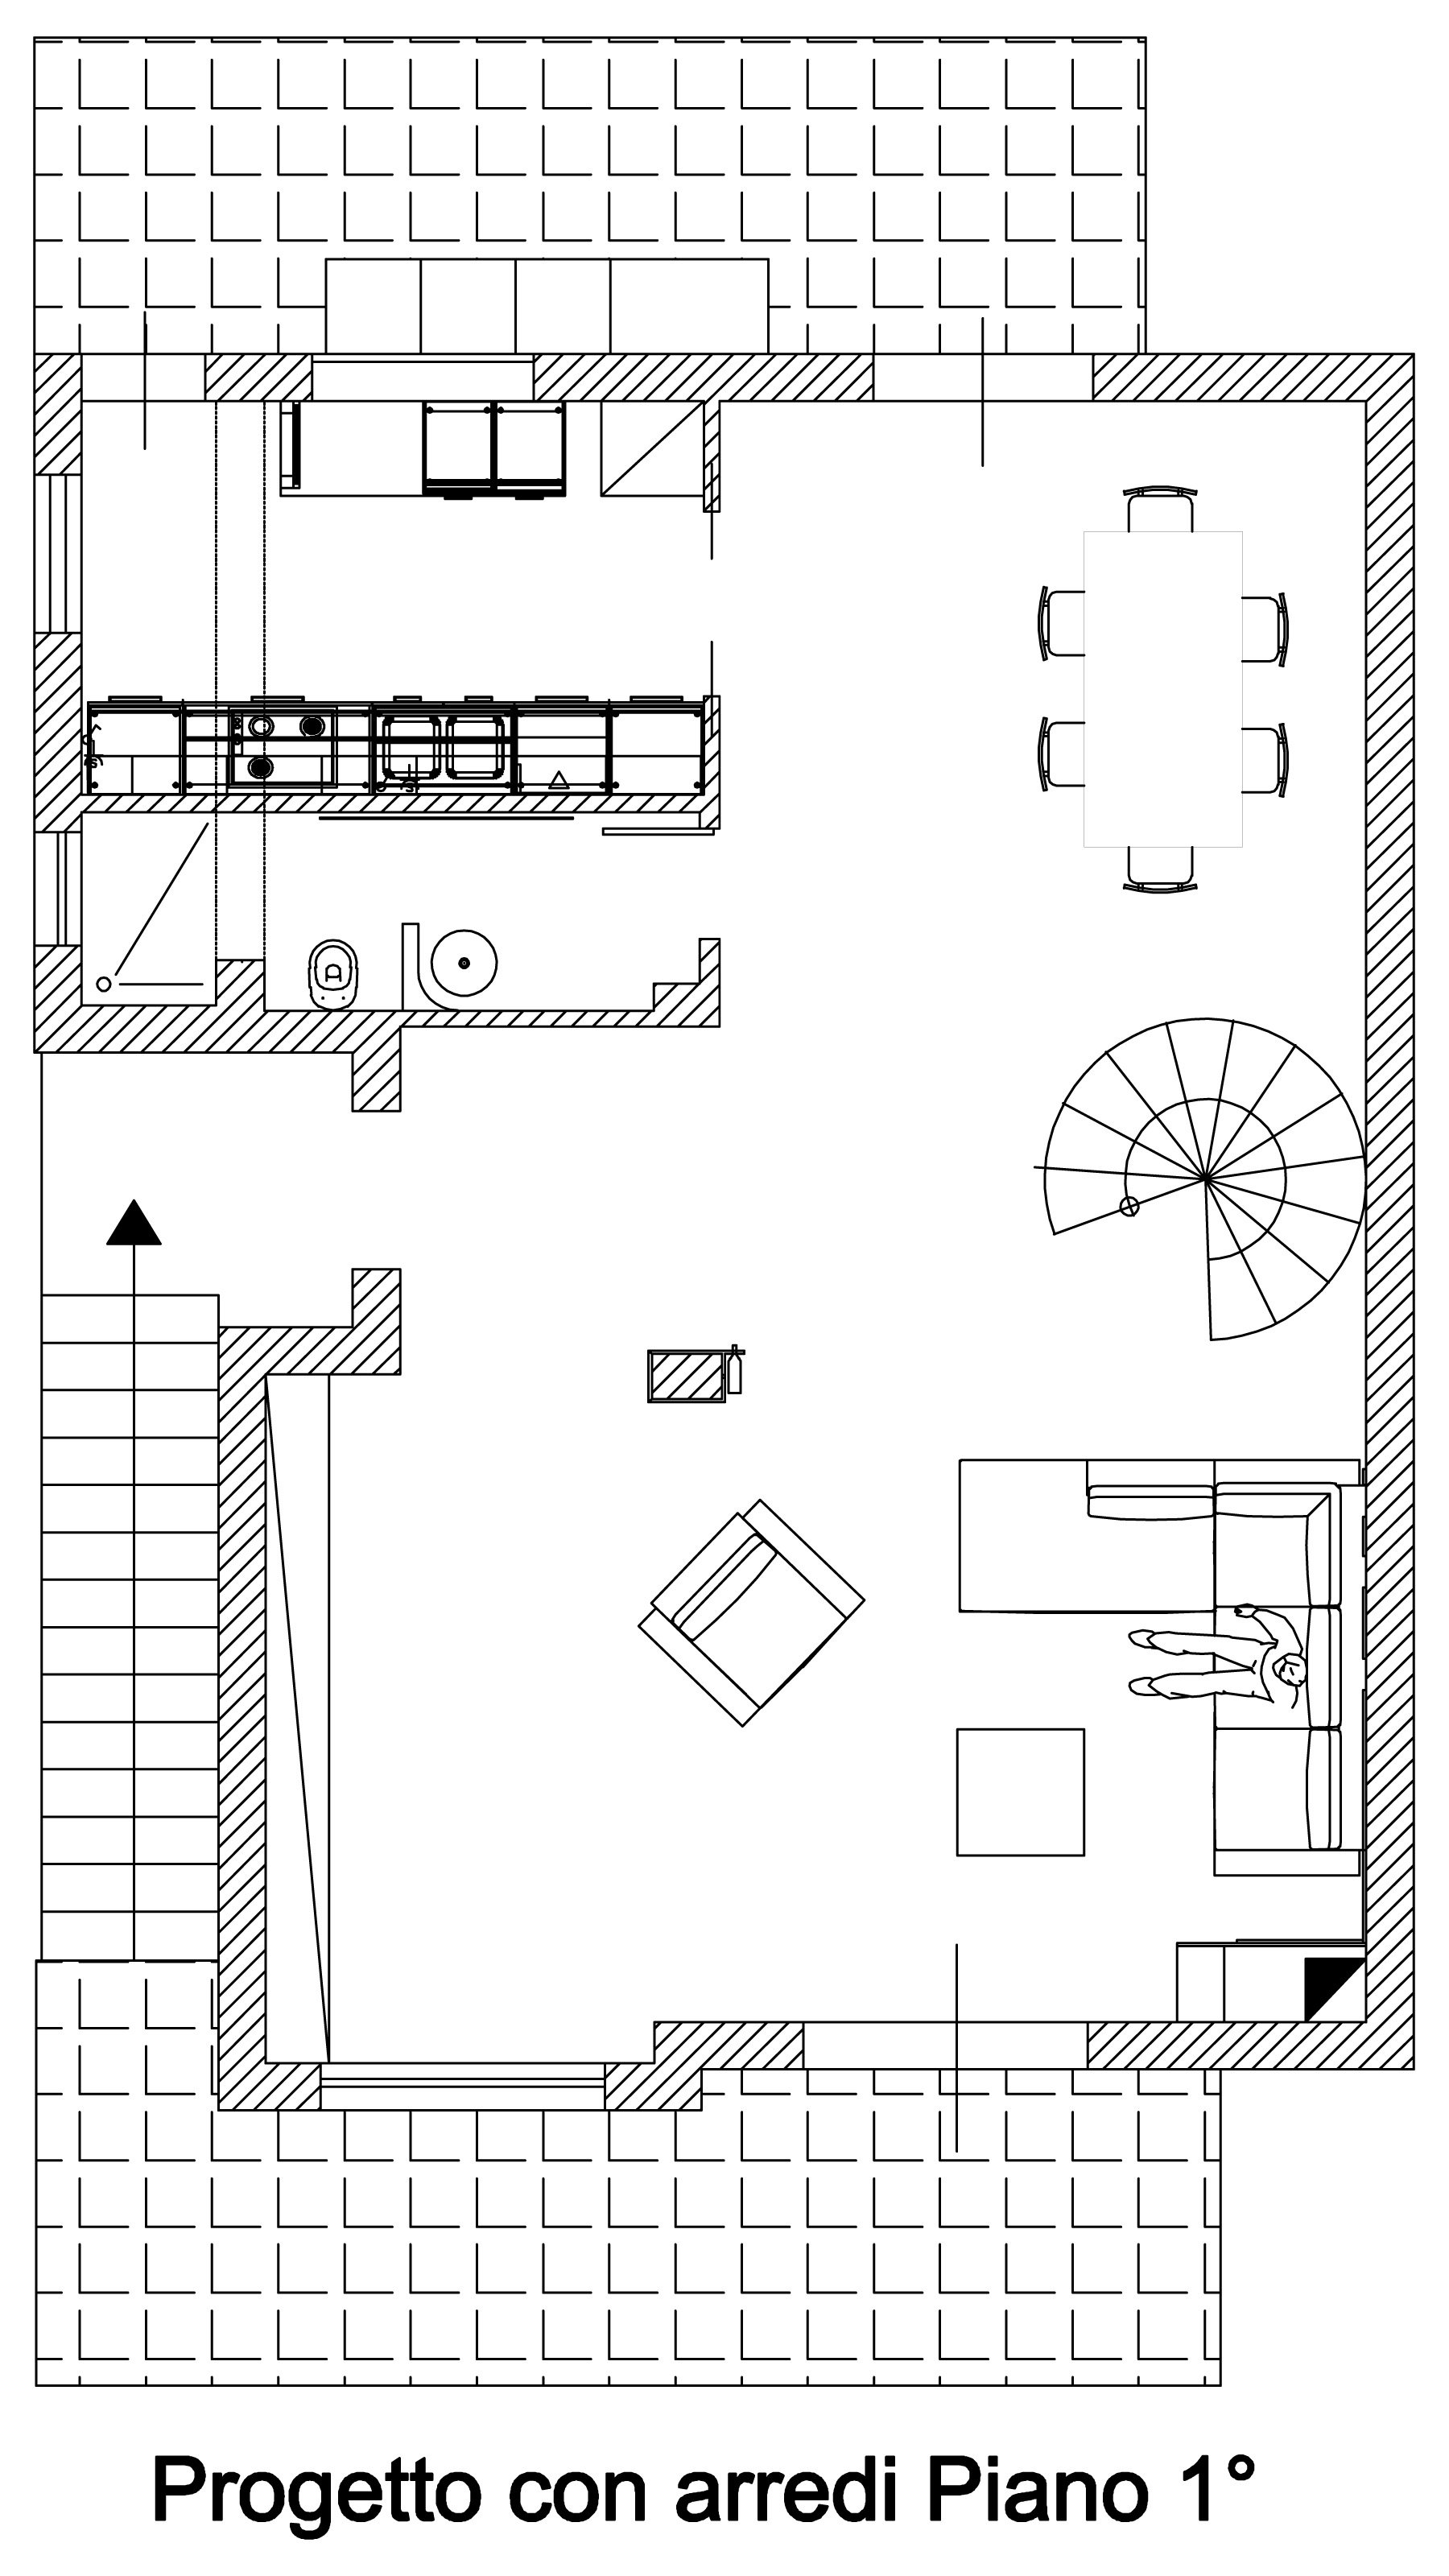 アーチarnone-インテリアデザイン・オブ・unabitazione-の-2-レベル階最初に